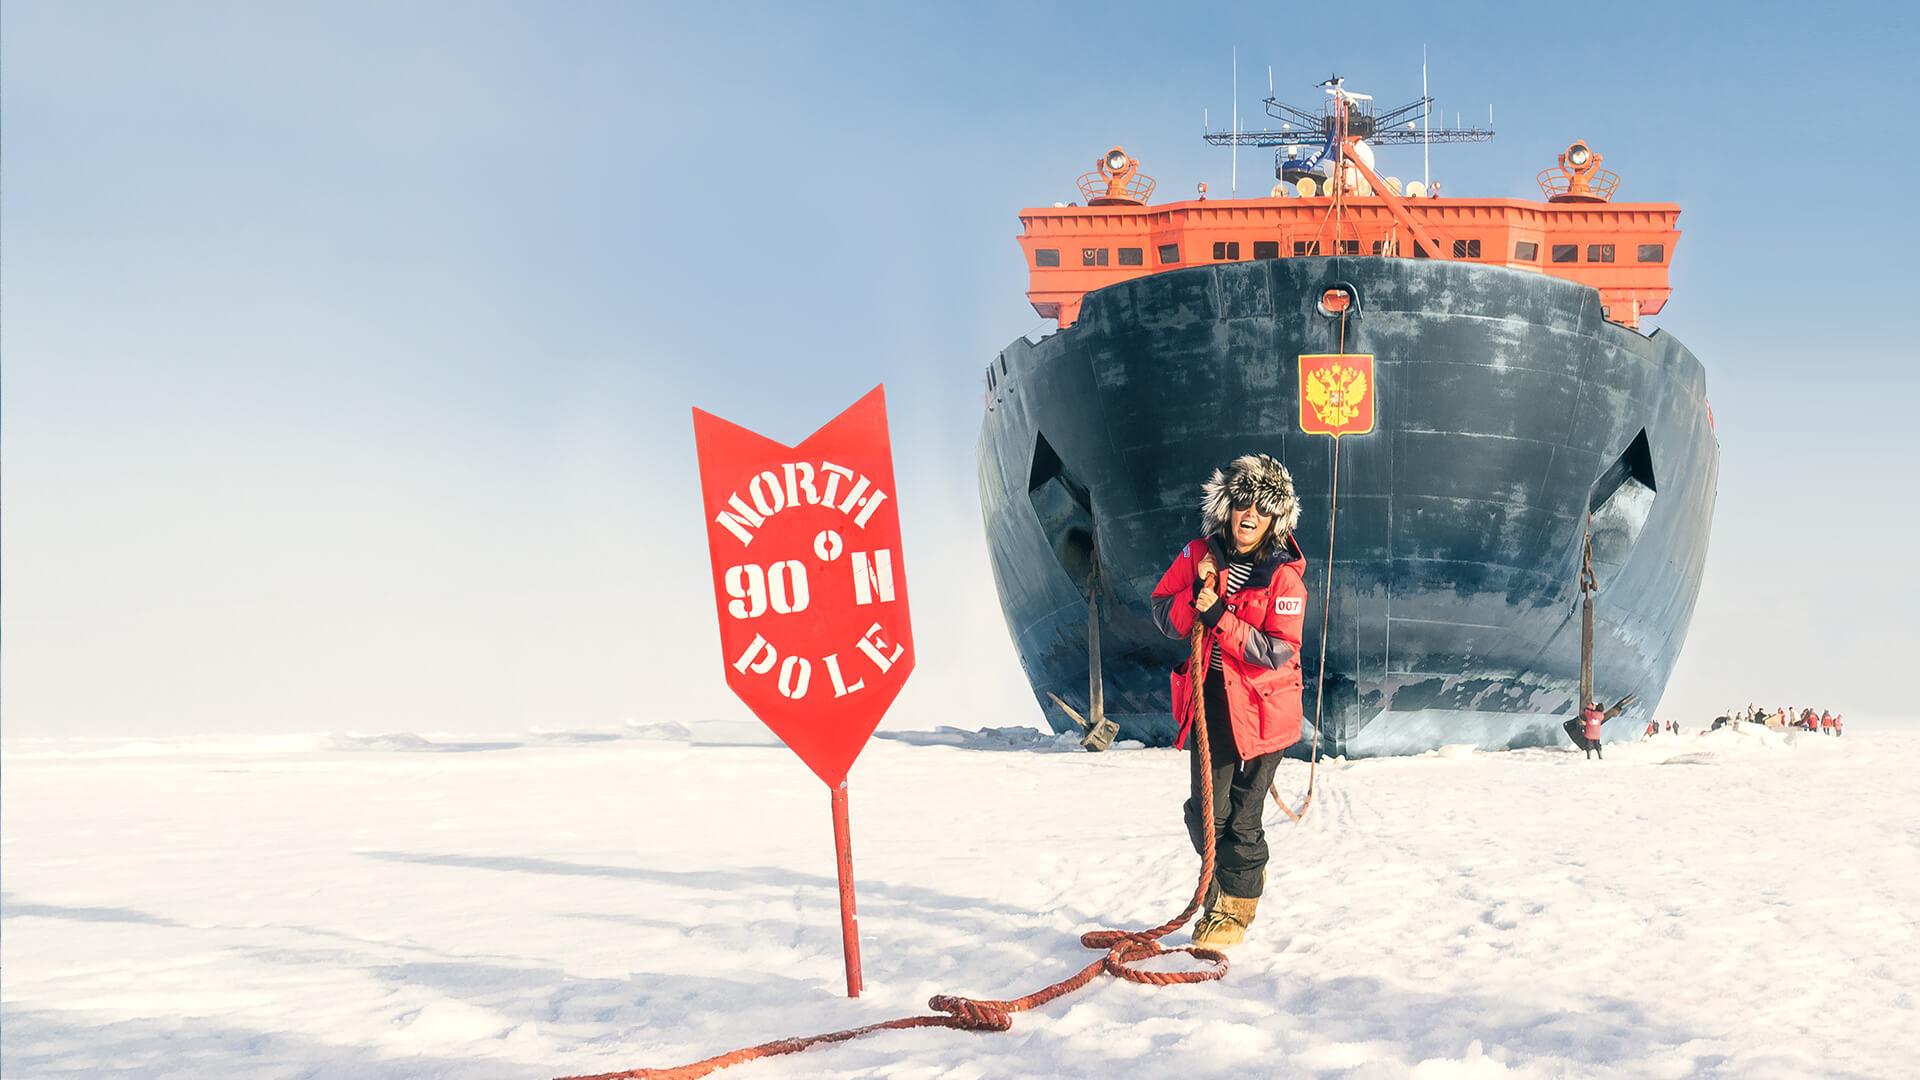 Тур на Северный полюс как отправиться в путешествие особенности экскурсии цена круиза